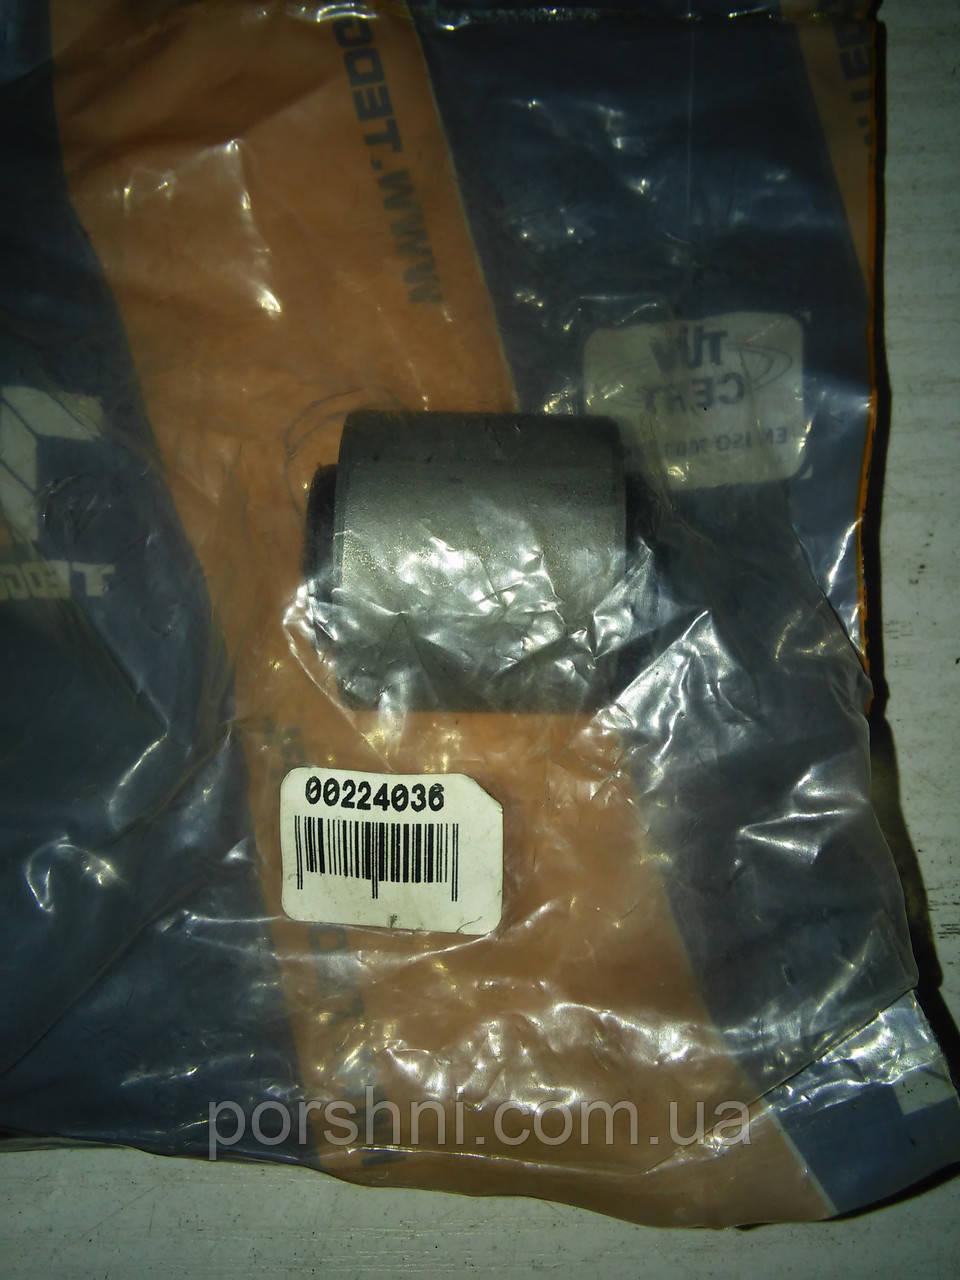 Сайленблок  задних  рычагов Ford  Focus прямой рычаг  TED GUM  00224036